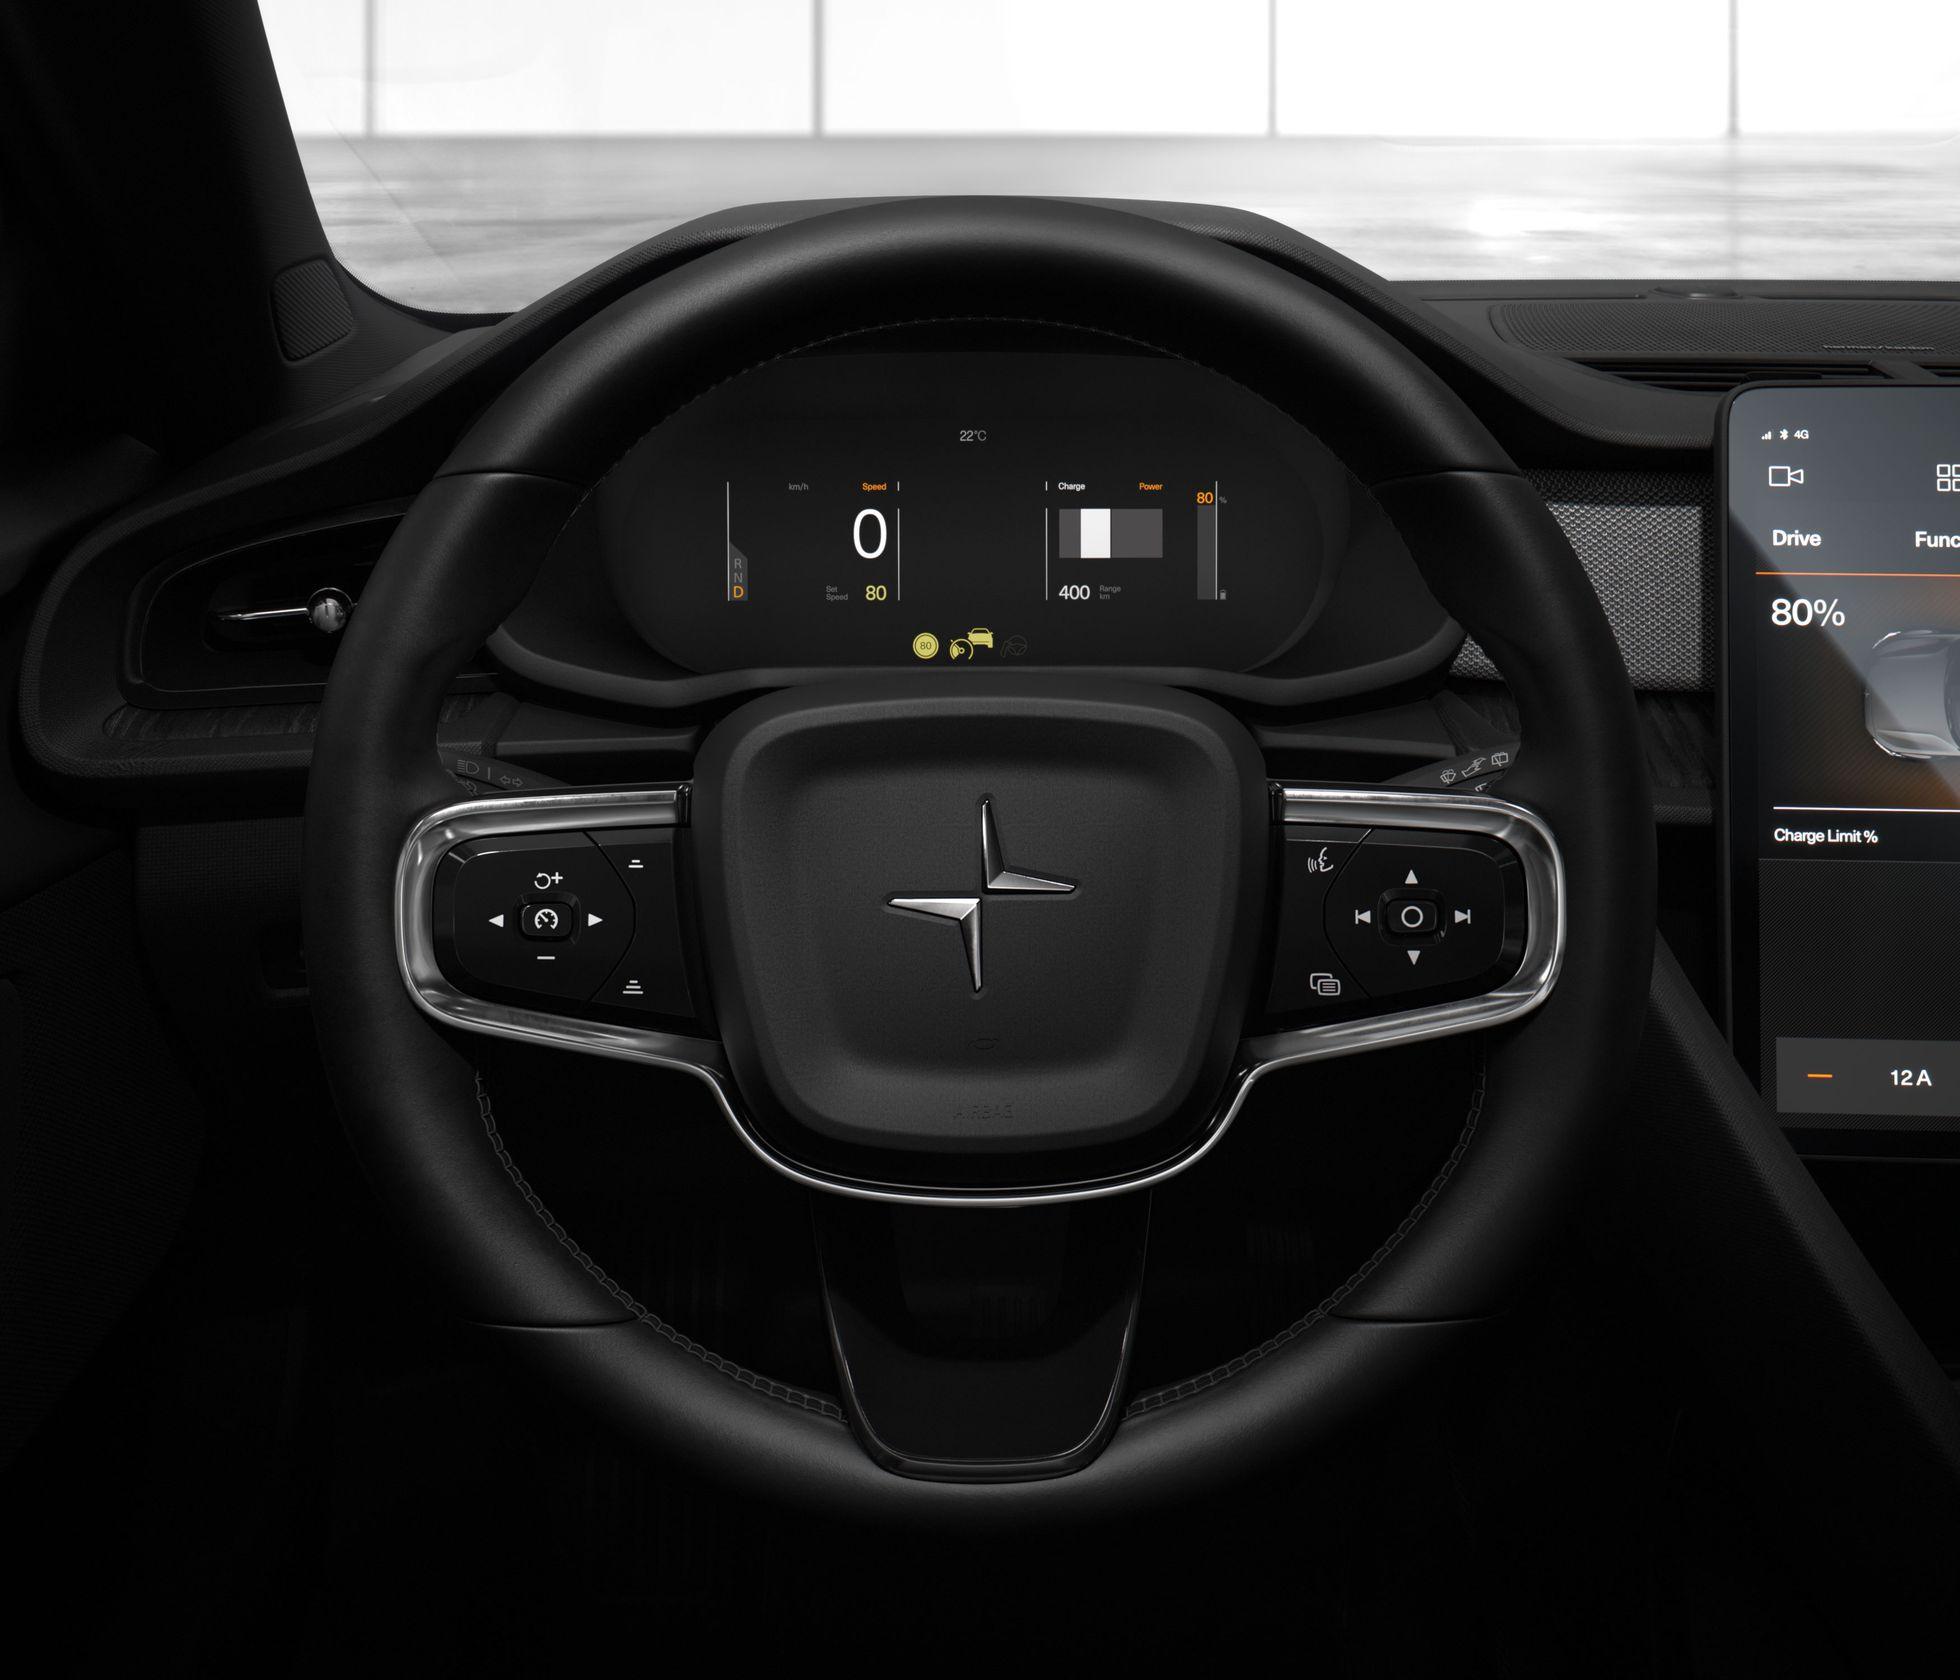 Polestar 2: Erster Elektro-Volvo kostet 40.000 Euro - Das Cockpit ist weniger spartanisch als das des Model 3. (Bild: Volvo)